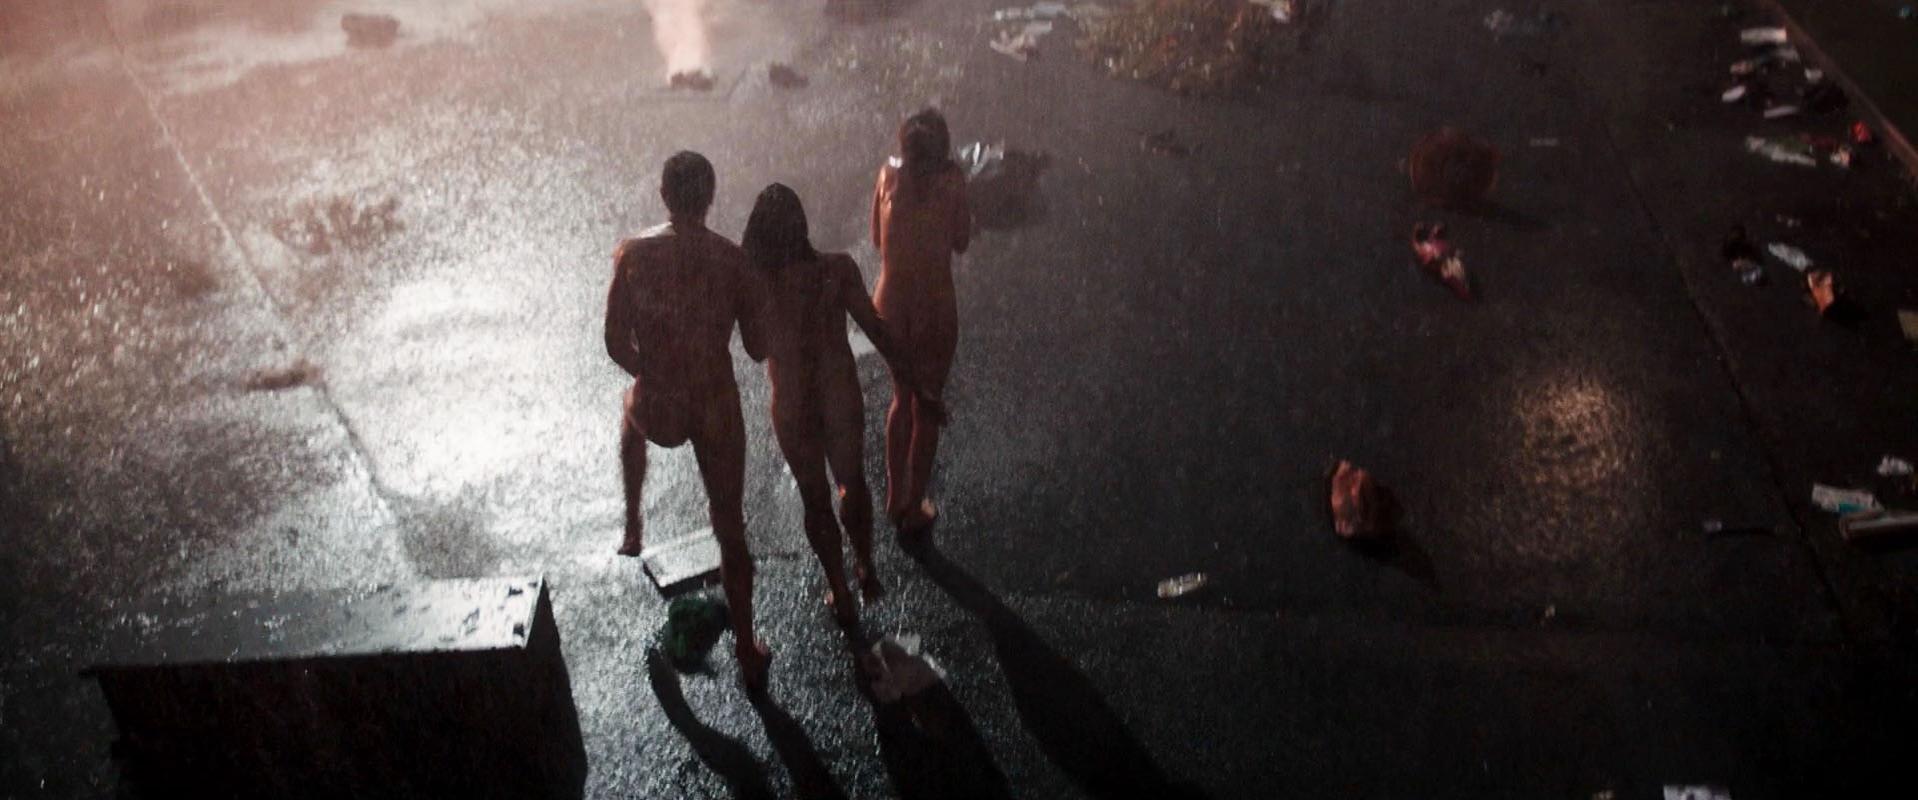 grid-girls-nude-freaks-snowdon